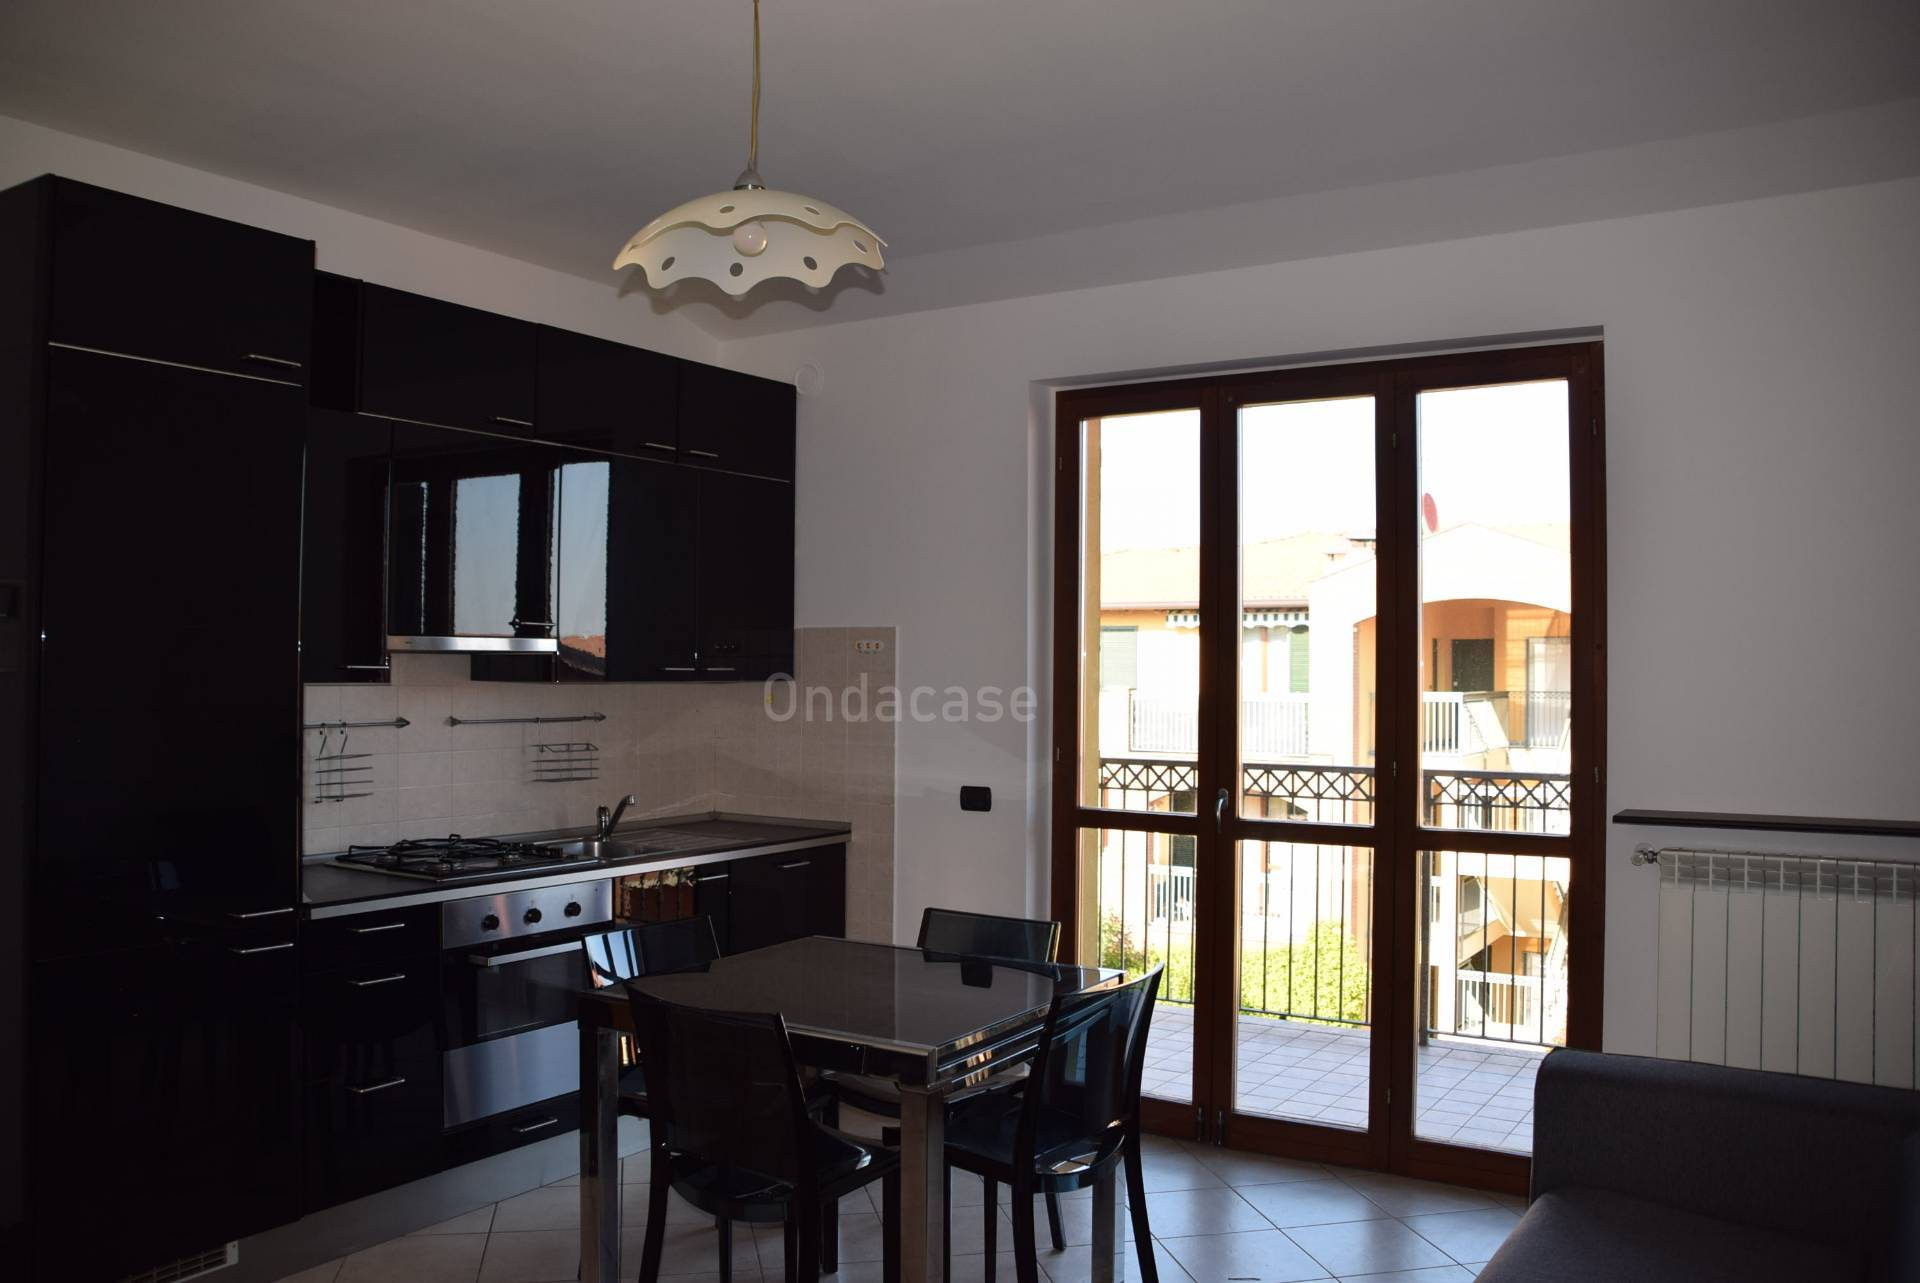 Appartamento in vendita a Capriate San Gervasio, 3 locali, zona Località: SanGervasio, prezzo € 99.000 | CambioCasa.it